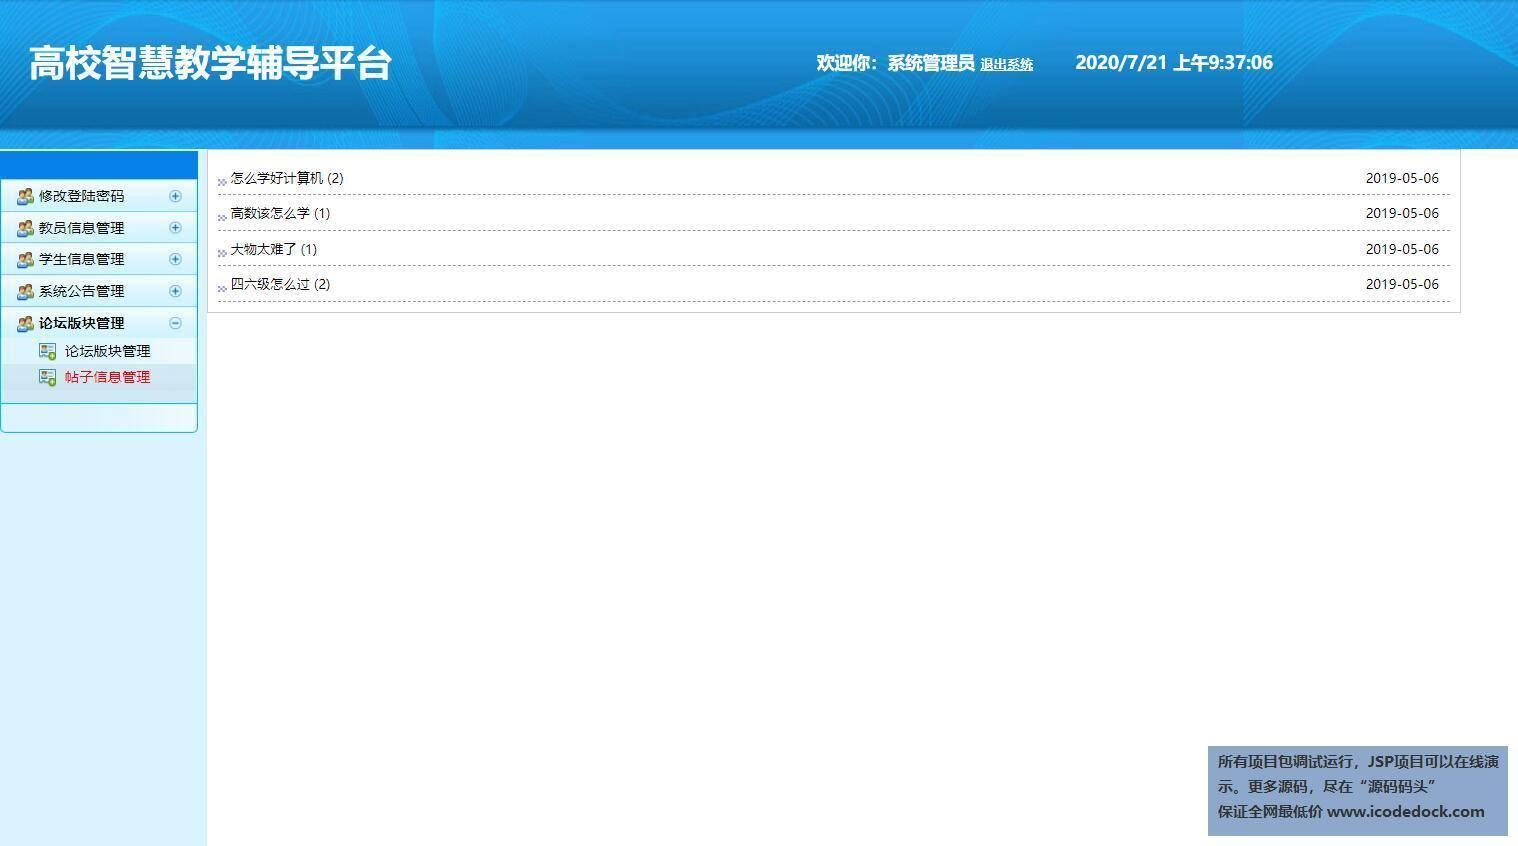 源码码头-SSH高校智慧教学辅导平台系统-管理员角色-帖子管理